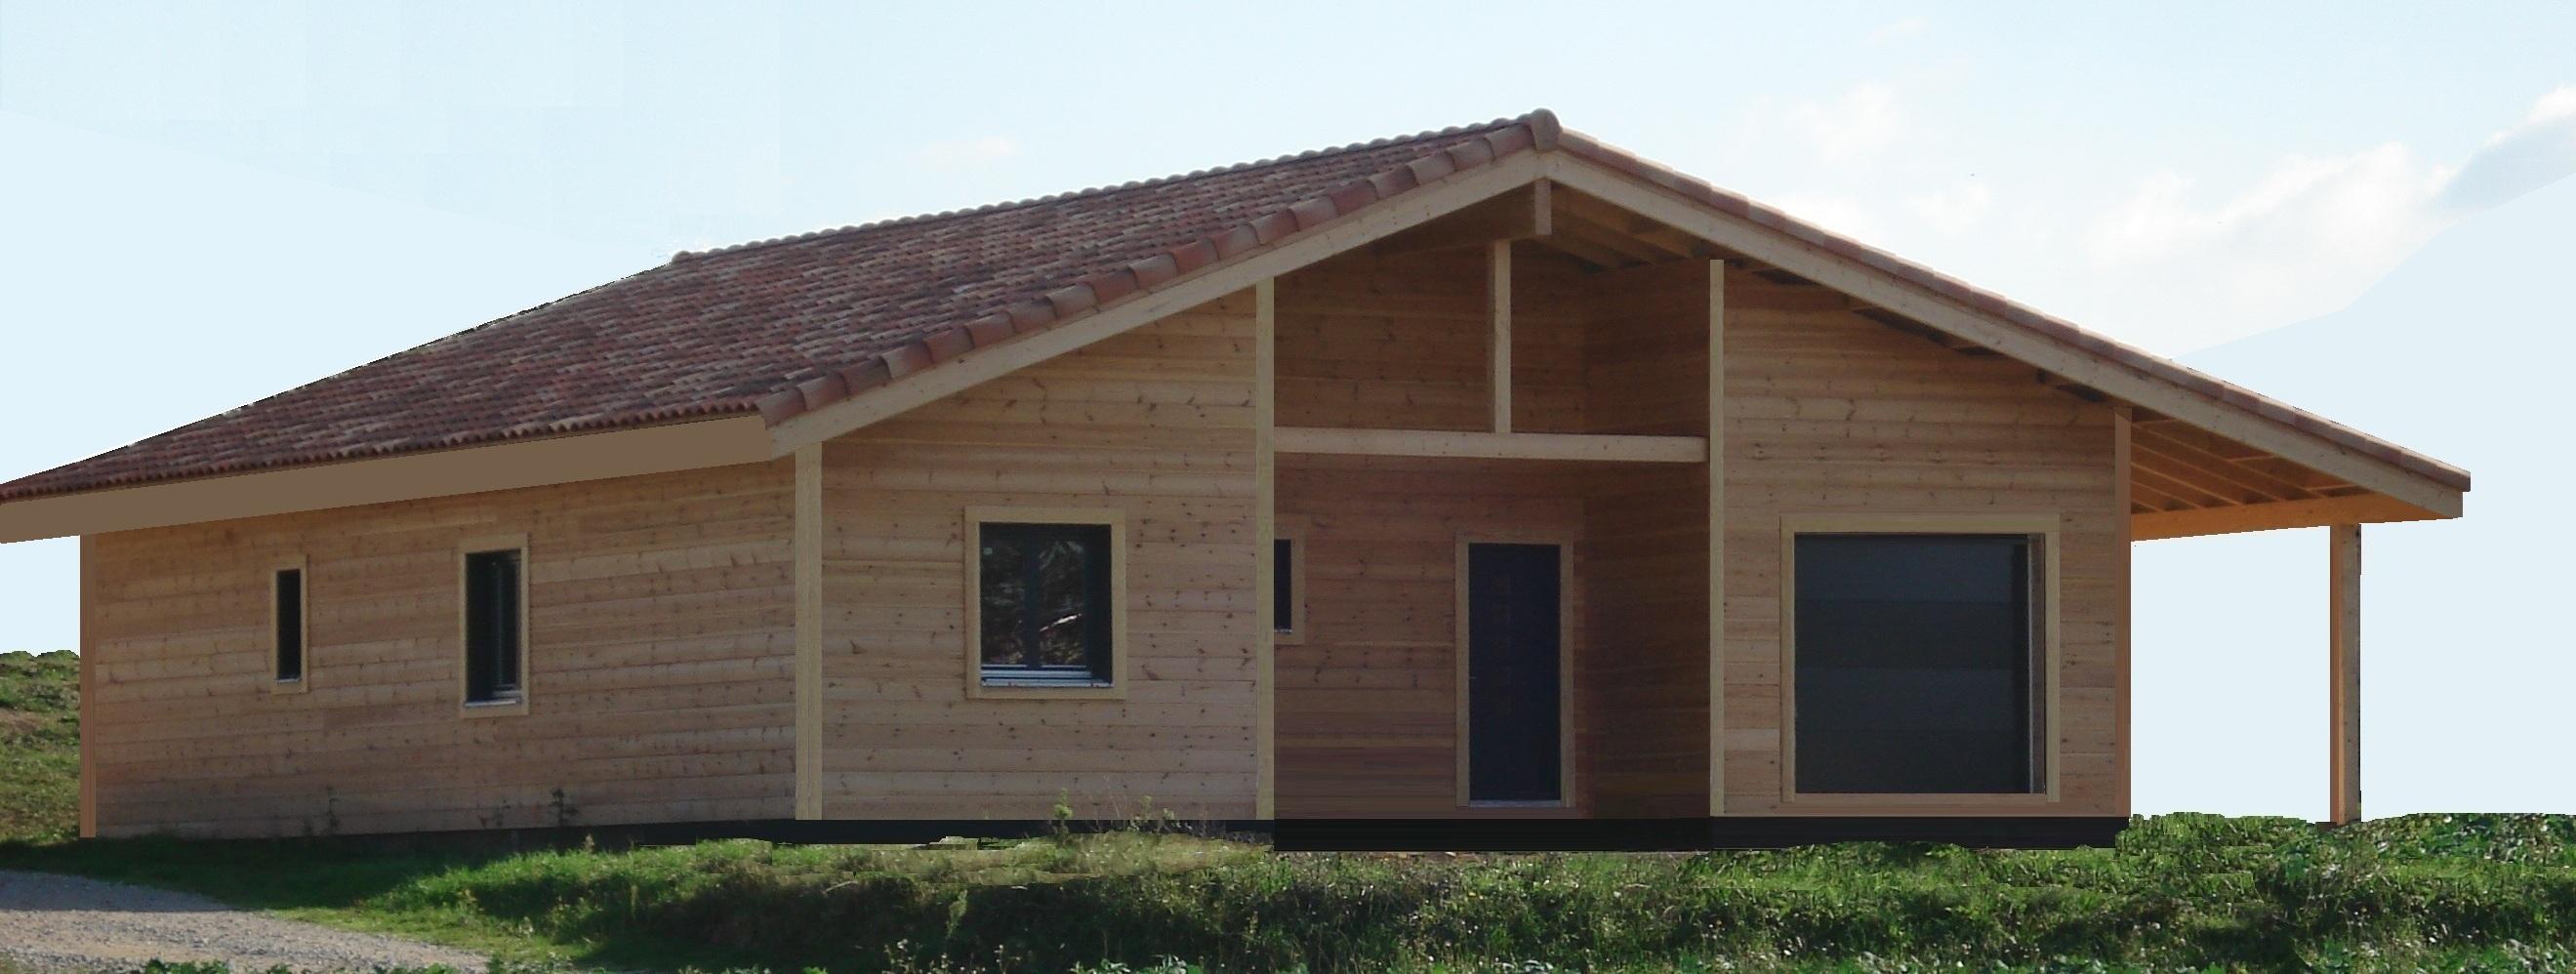 Maison Bois Chalet